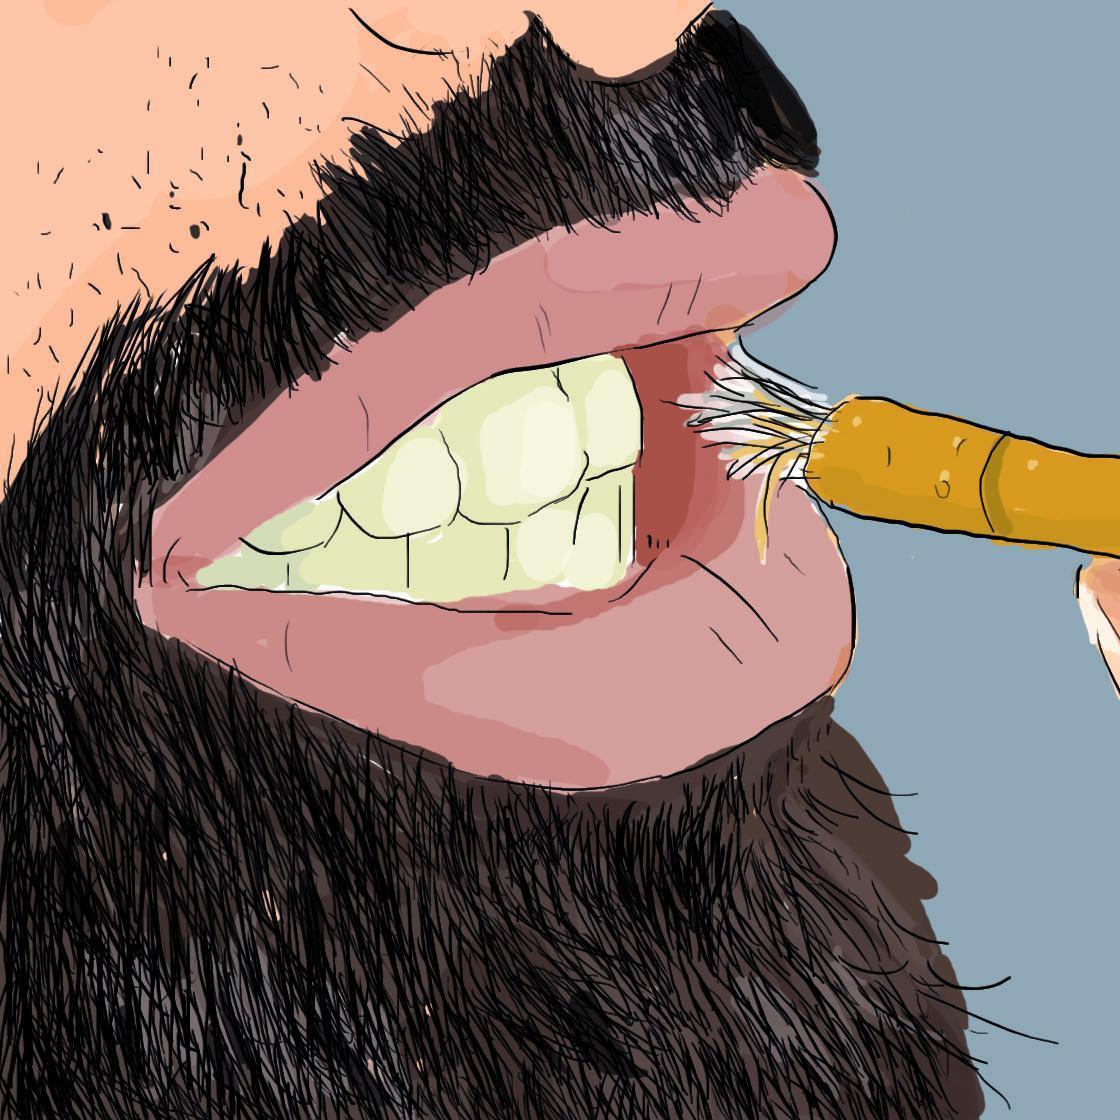 Trước khi có bàn chải đánh răng, người xưa đã làm sạch răng như thế nào? - Ảnh 3.